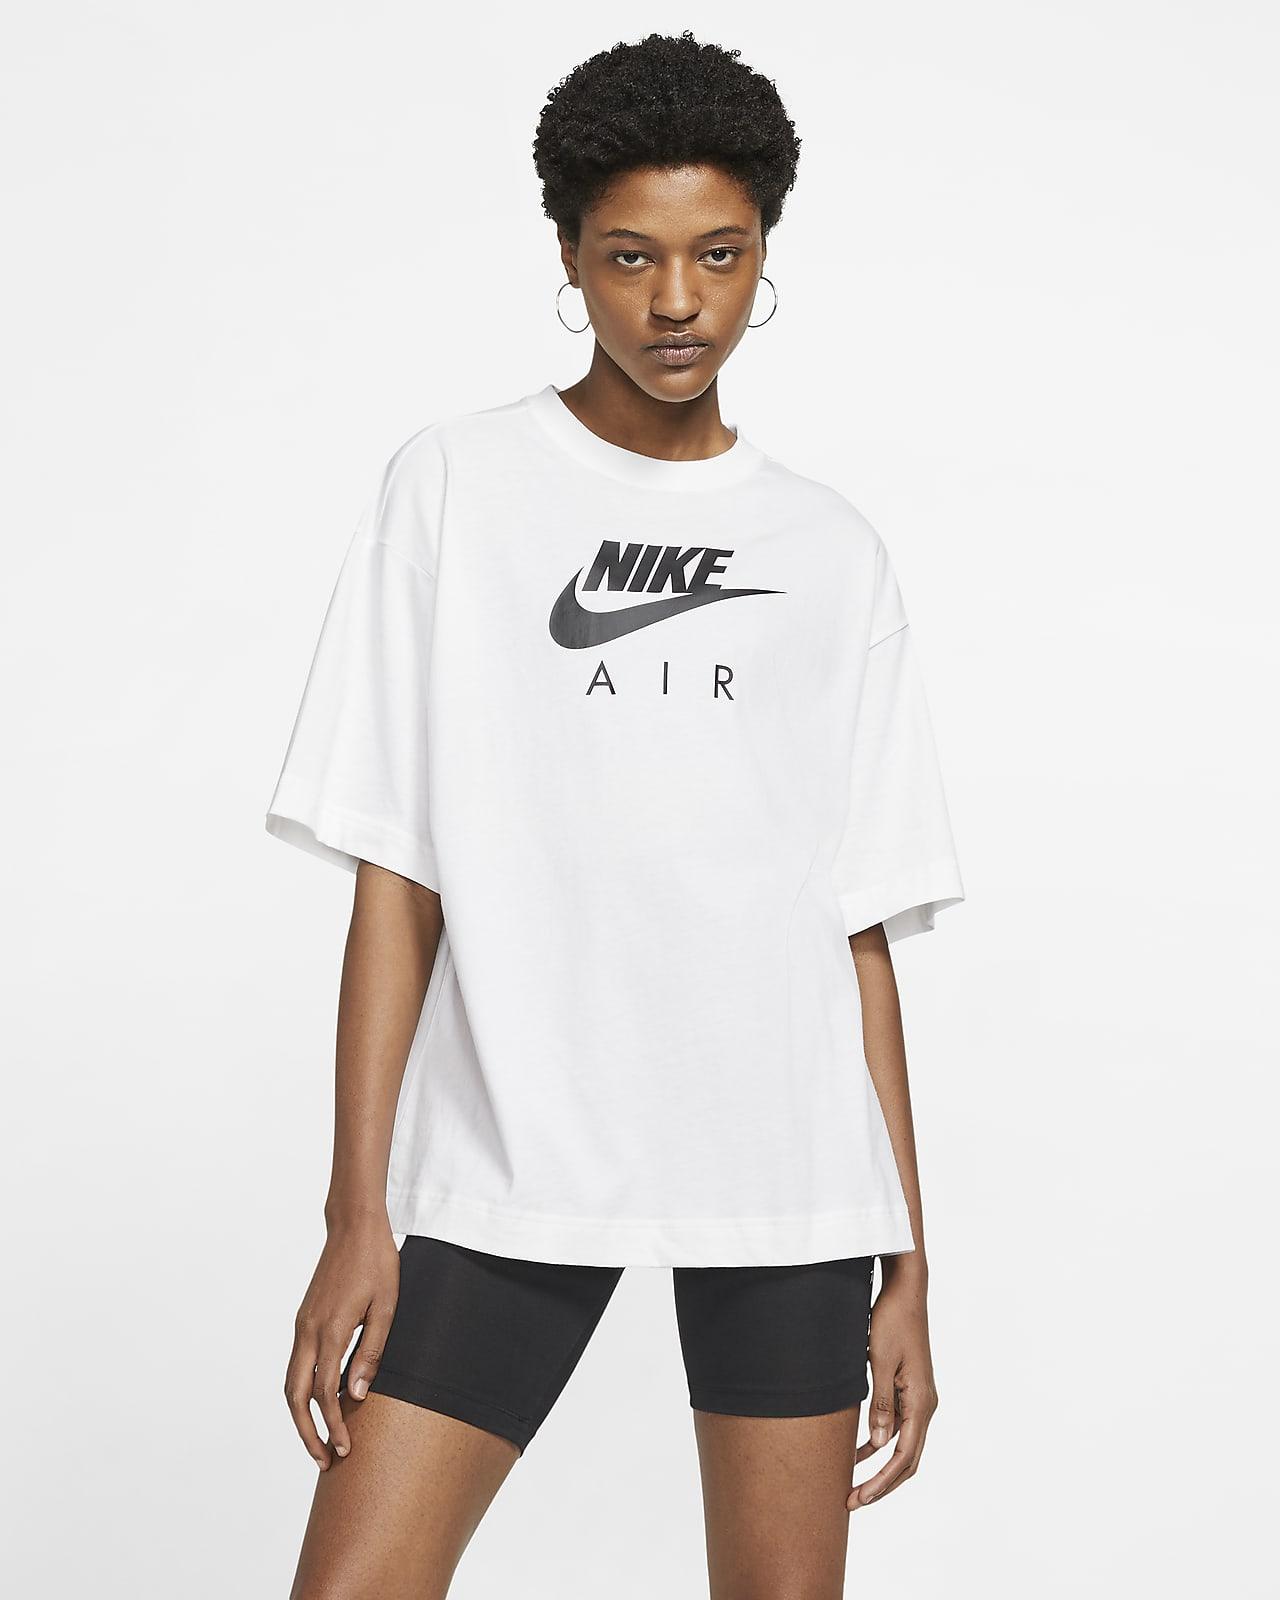 Nike Air Damestop met korte mouwen